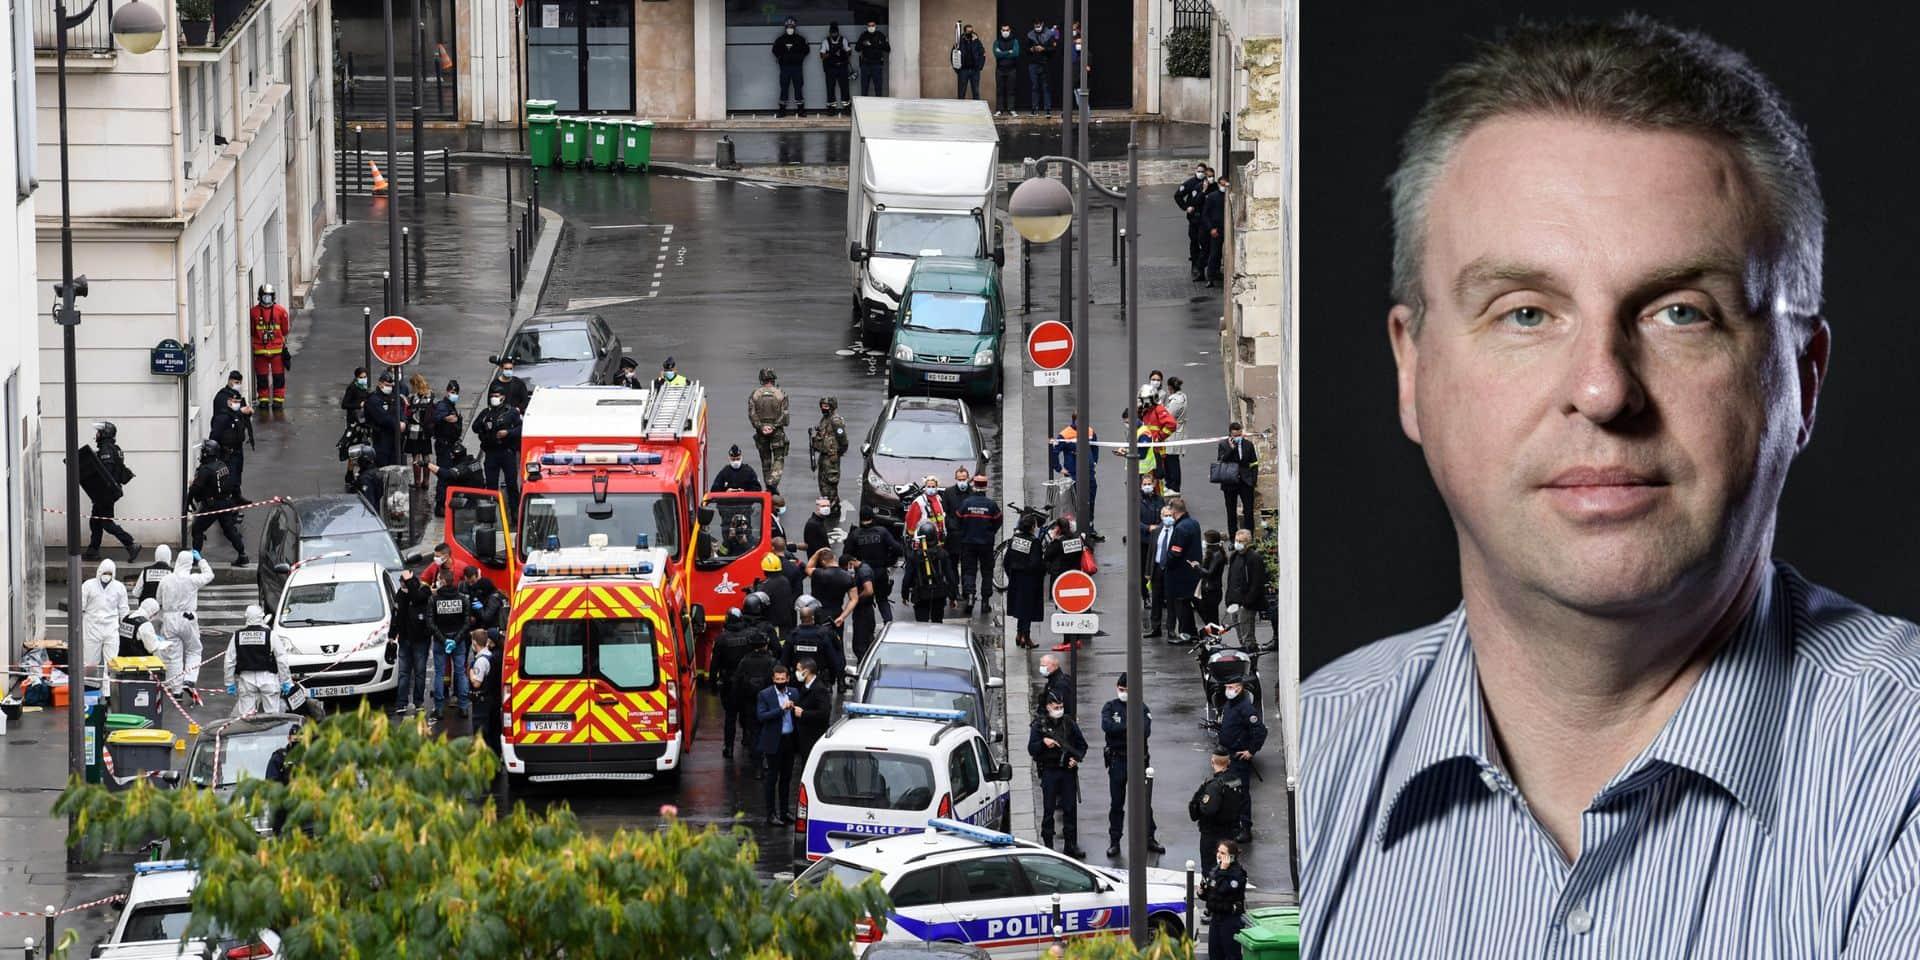 Nouvelle attaque près des anciens locaux de Charlie Hebdo : Al-Qaïda n'oublie pas